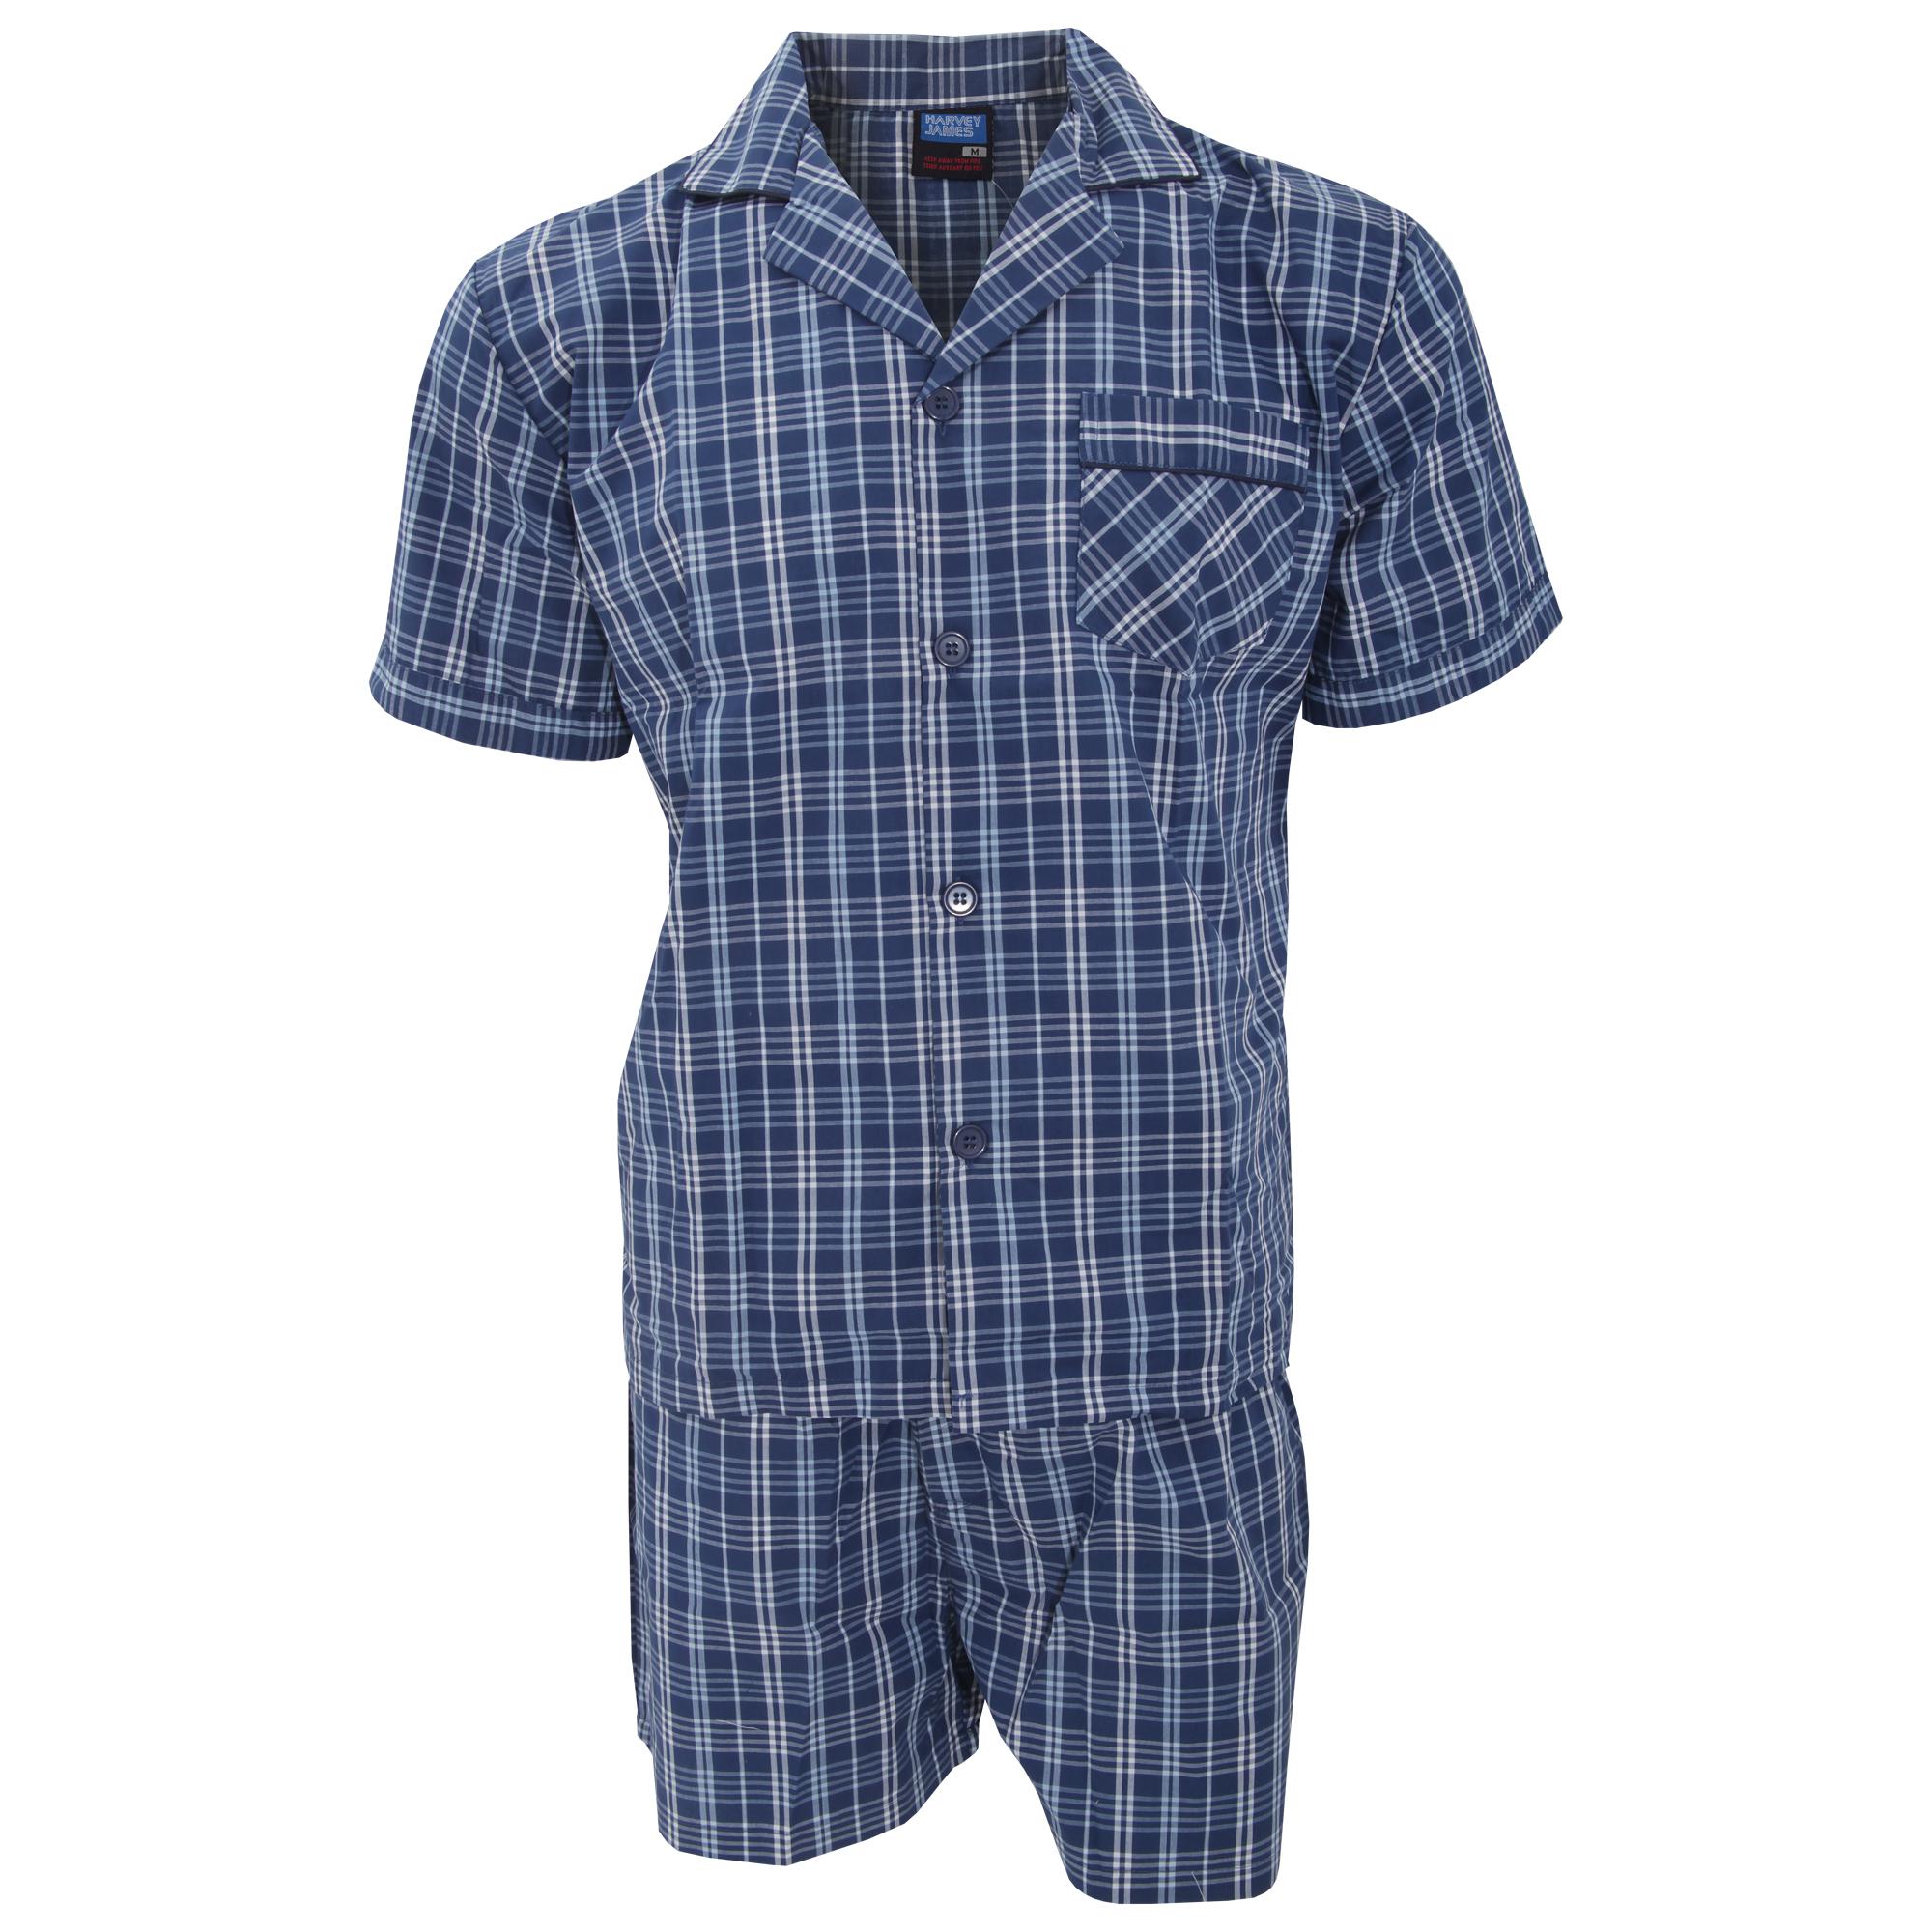 Mens patterned short sleeve shirt and shorts pajama for Mens short sleeve patterned shirts